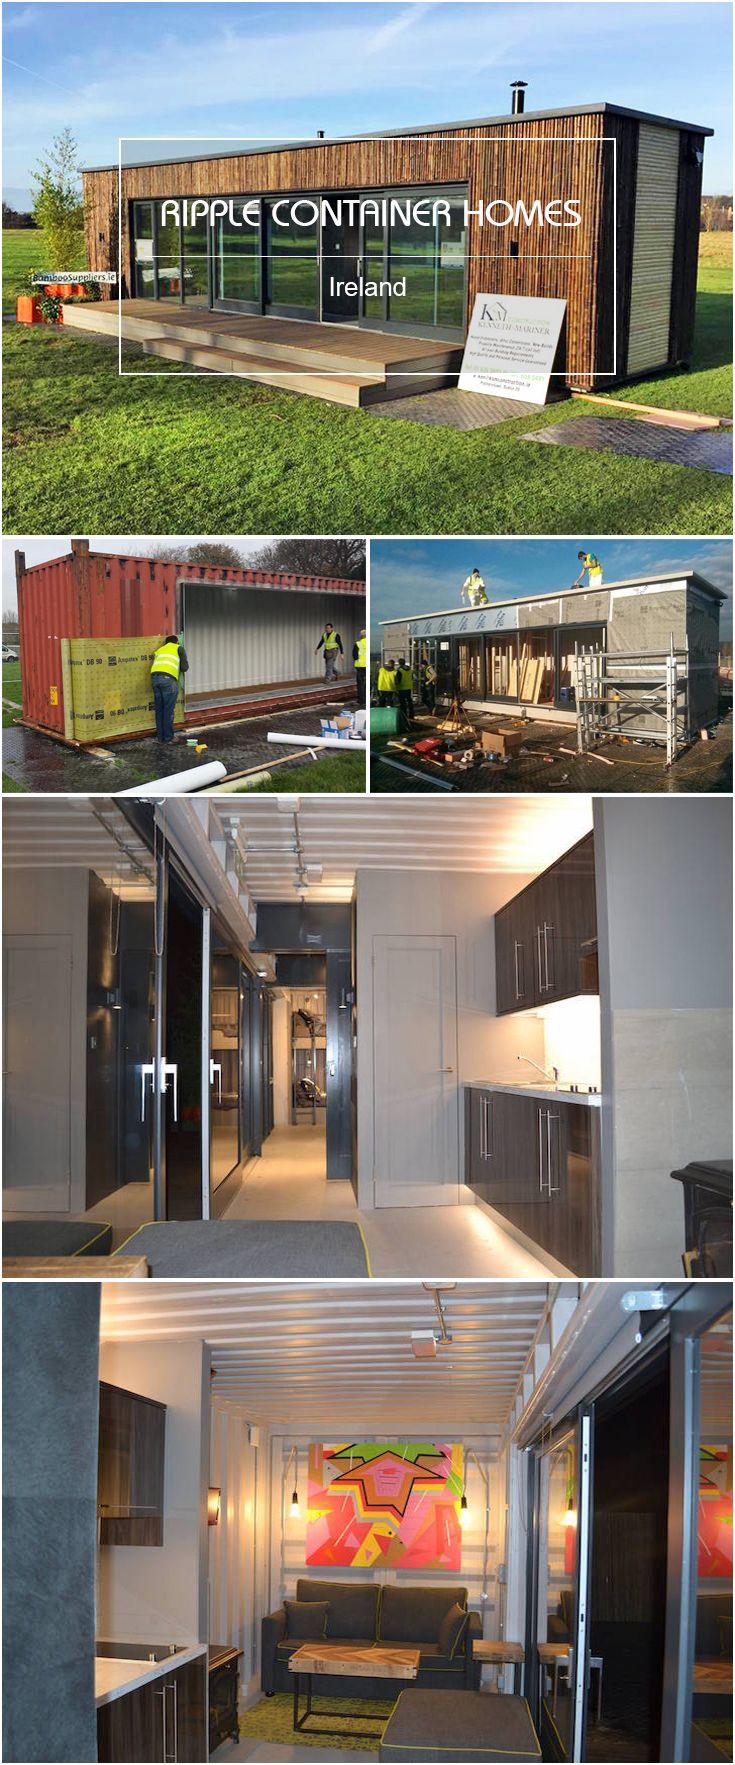 Attraktiv Pin Von Don Wehr Auf Shipping Container Ideas | Pinterest | Container  Häuser, Container Und Sims Haus